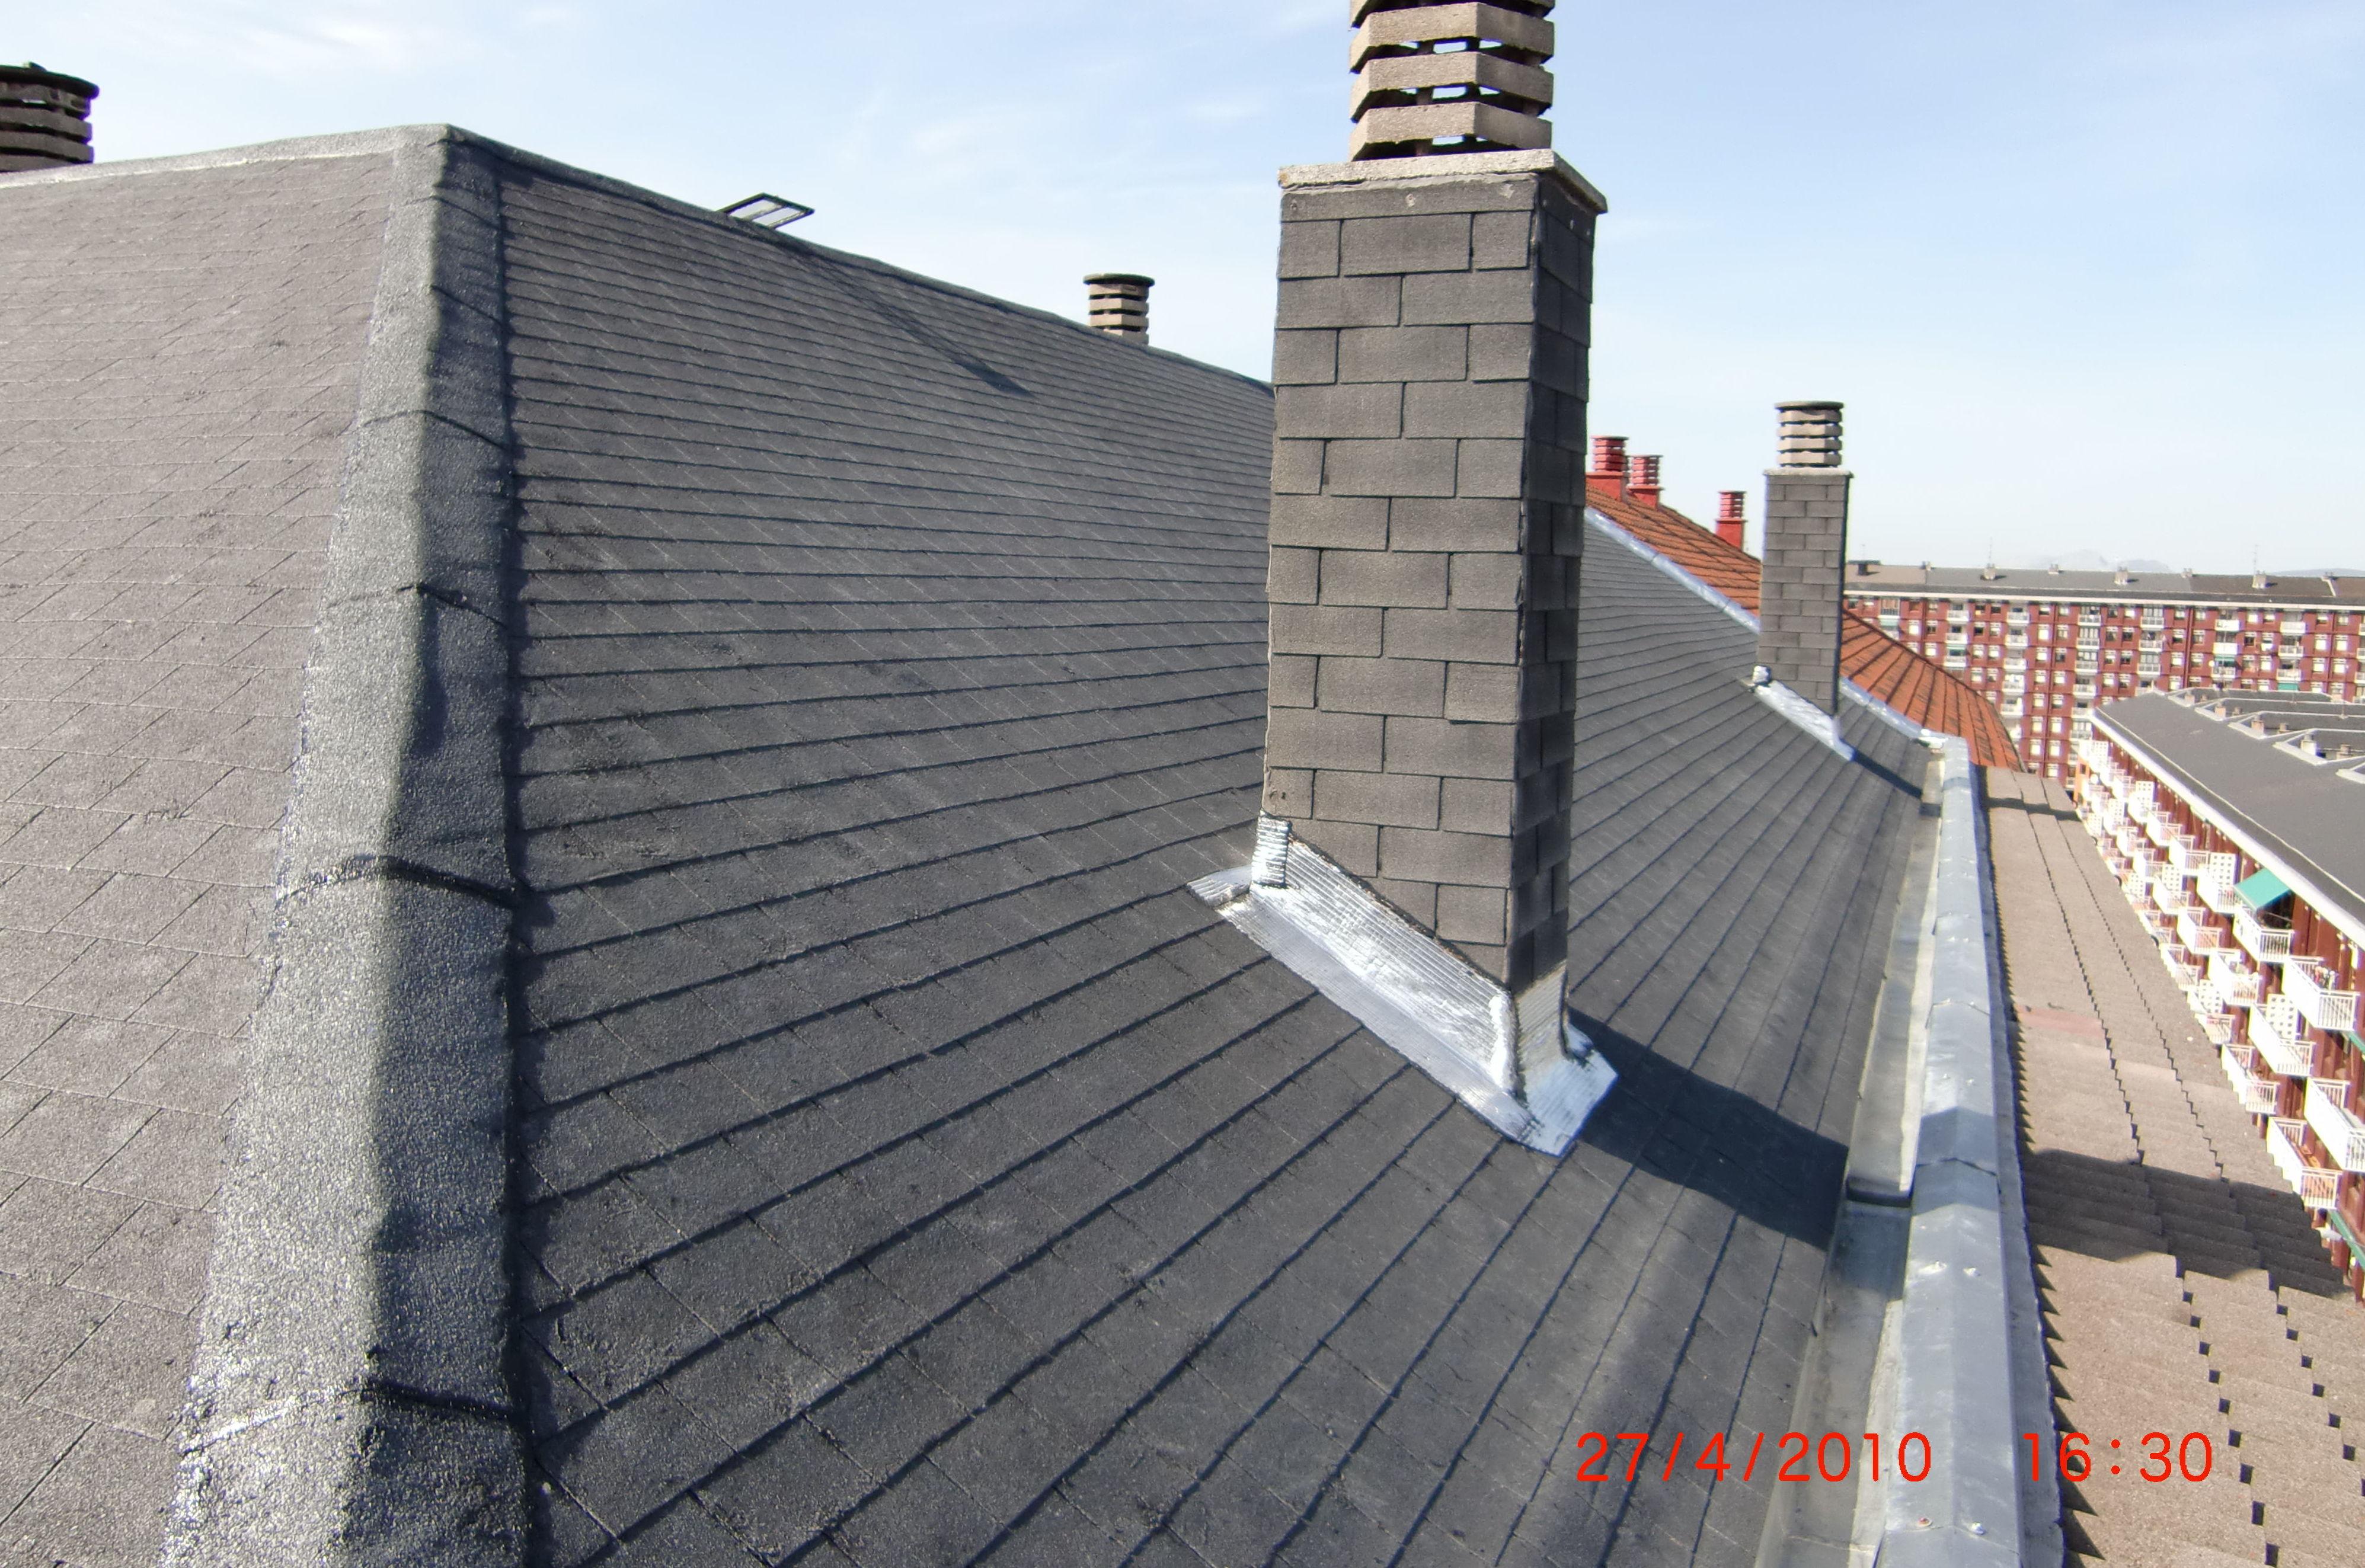 Rehabilitación de tejado en Plaza de San Martín, 6, Vitoria-Gasteiz